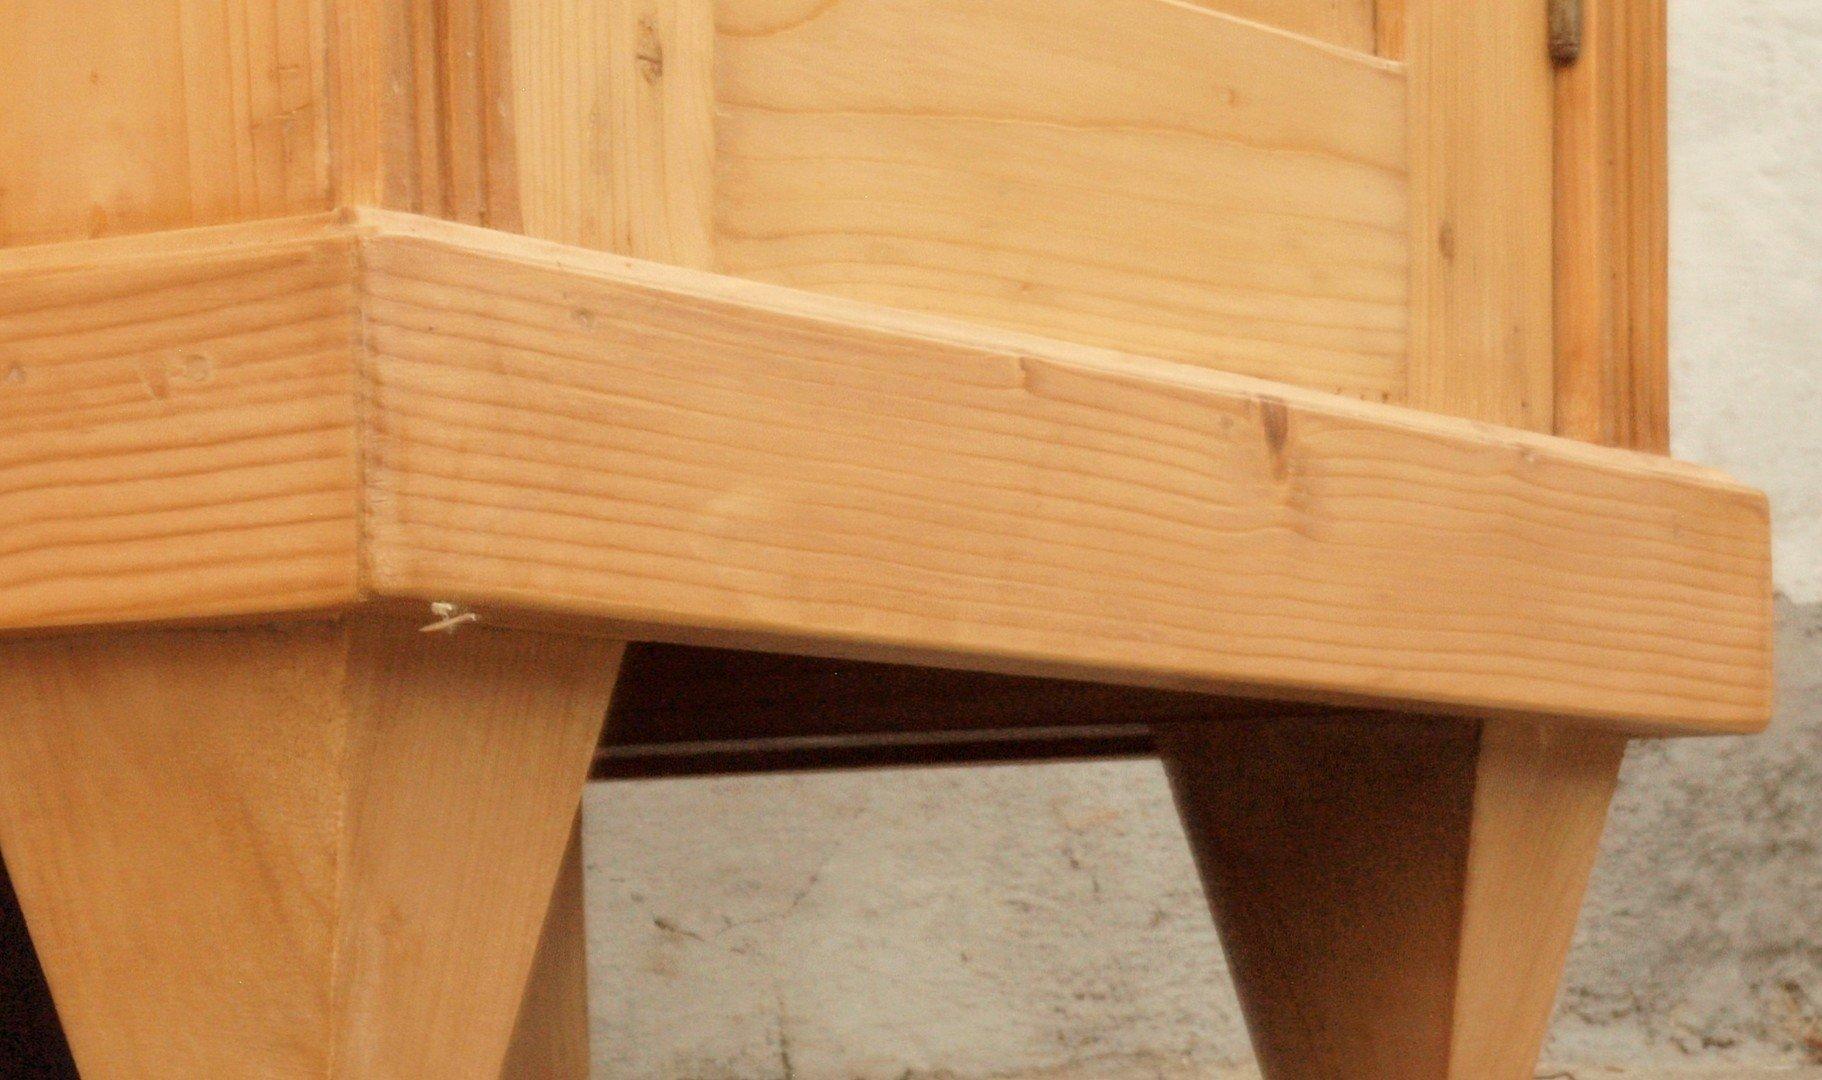 1 Pre1s1t 56 Cm Langes Bauernregal Massivholz Regal Bauernmobelstil